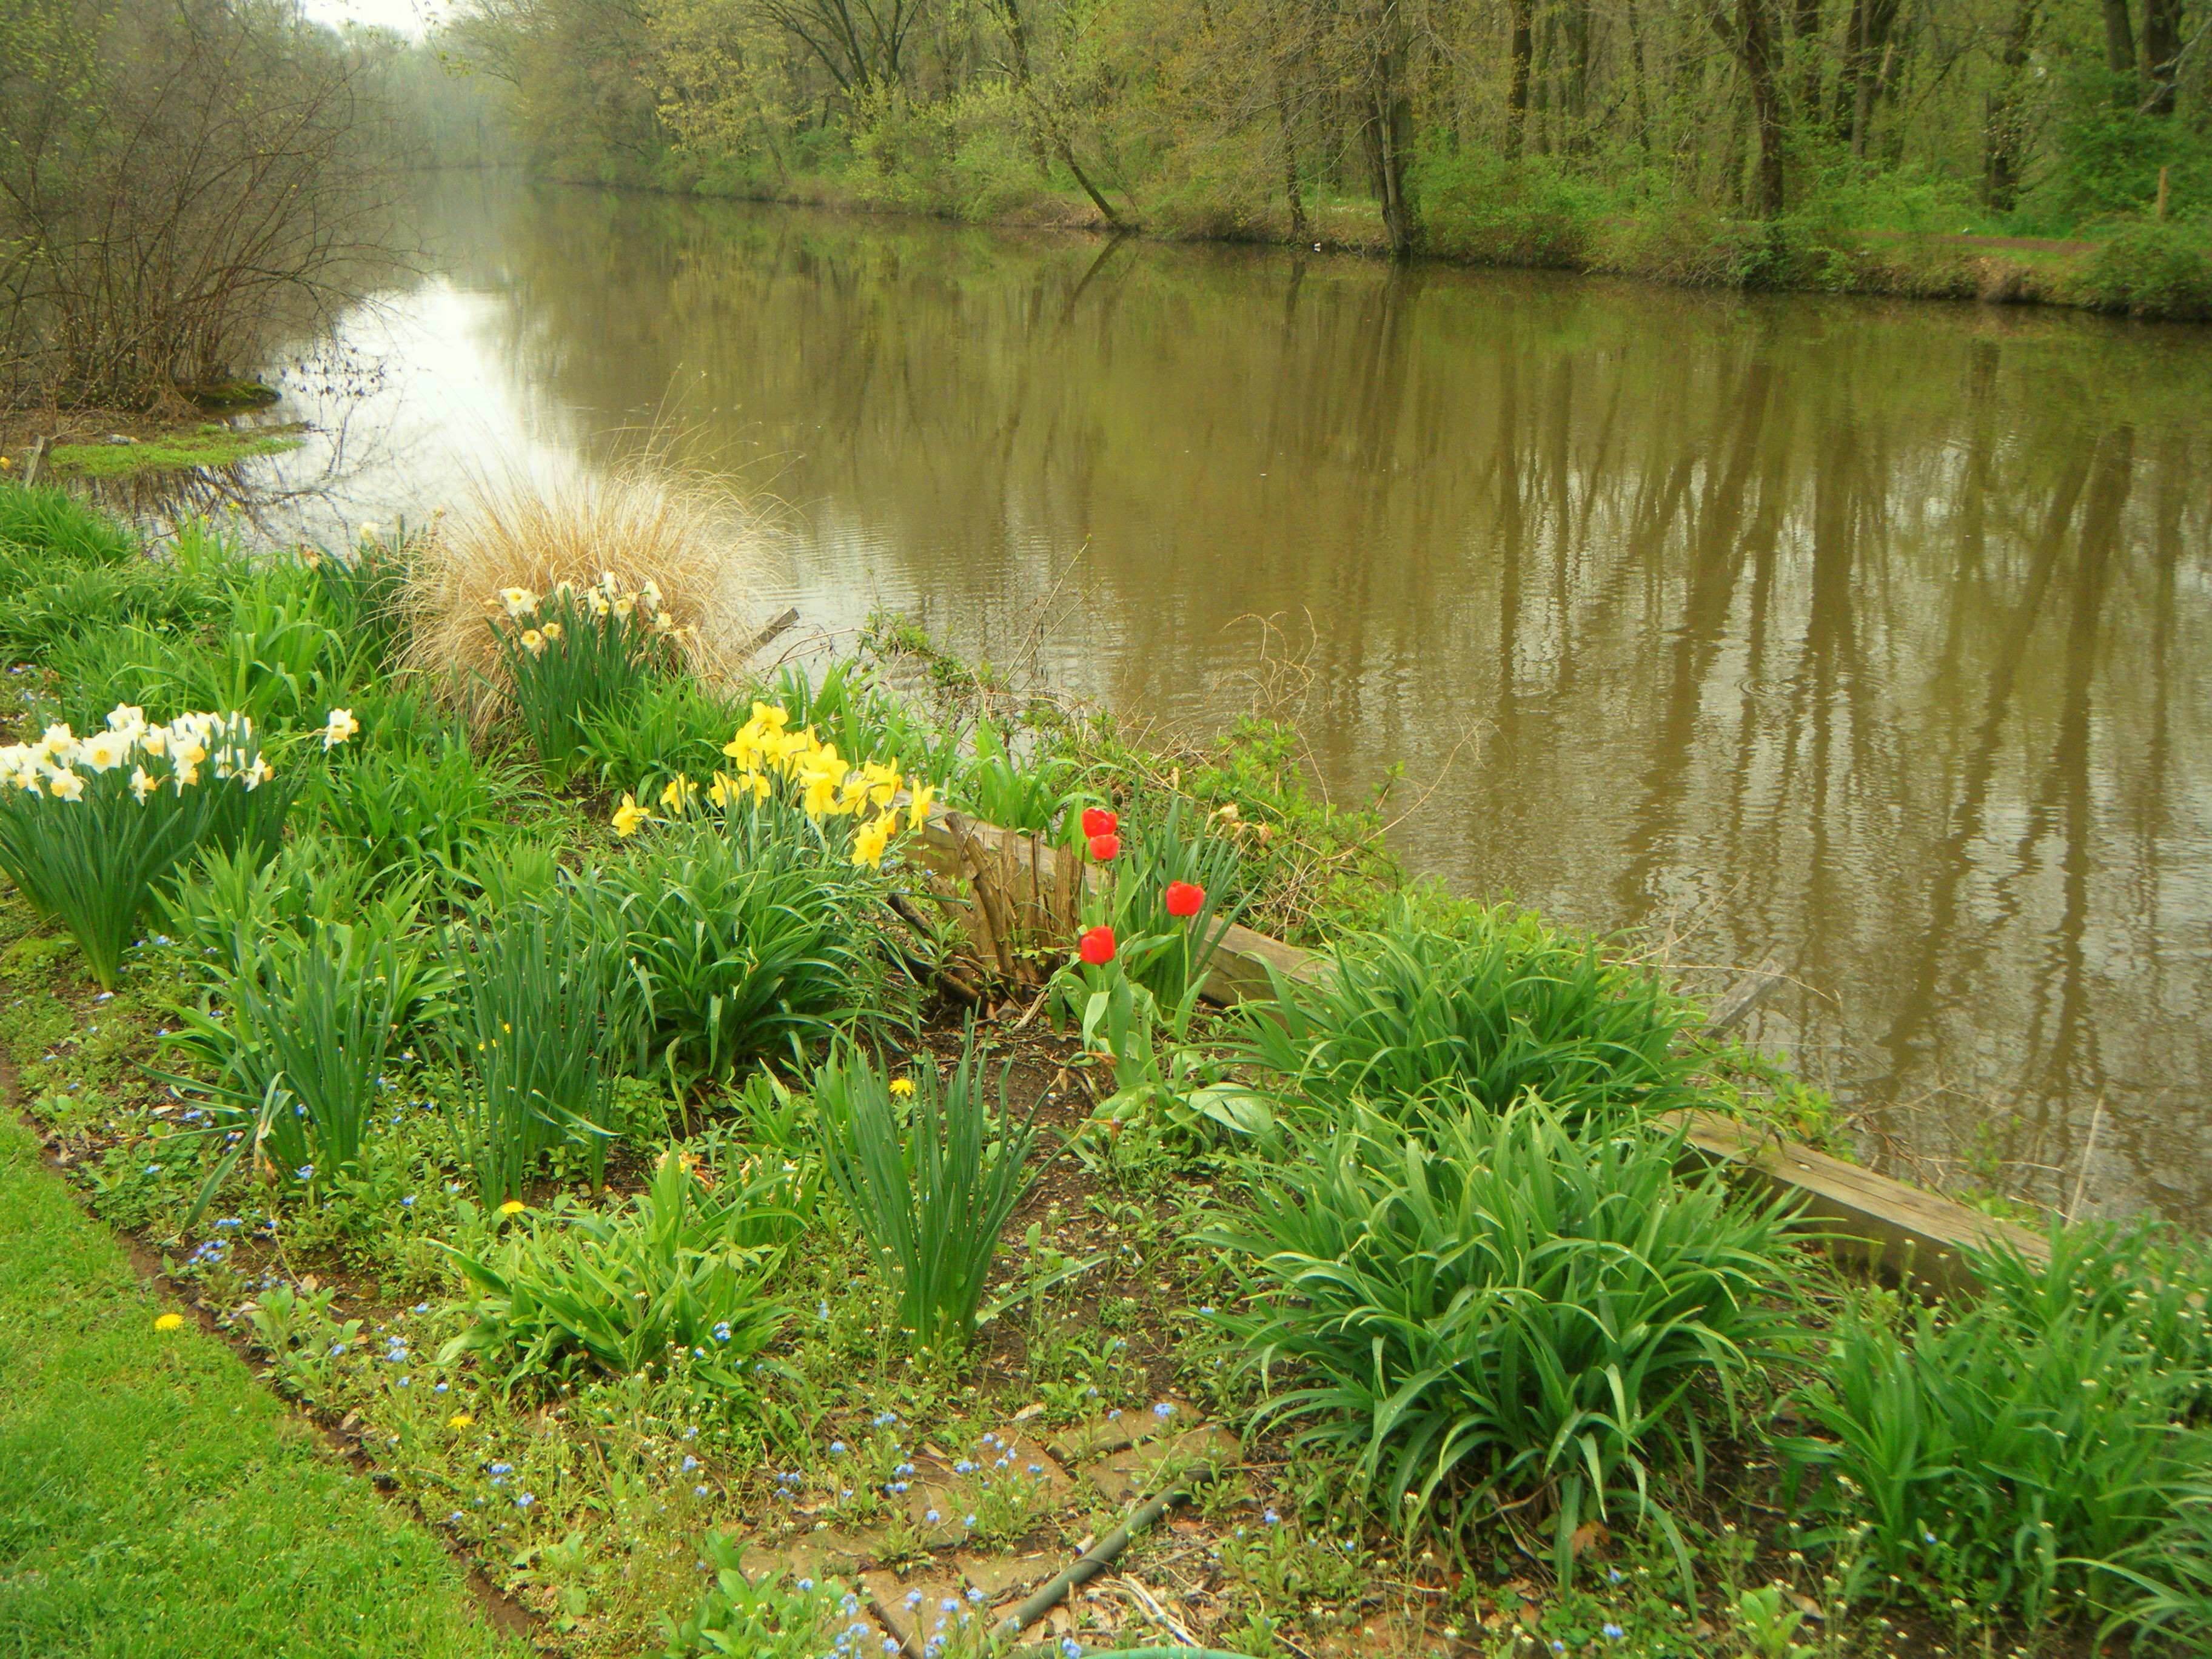 Bridgetenders Garden [flowers & riv]